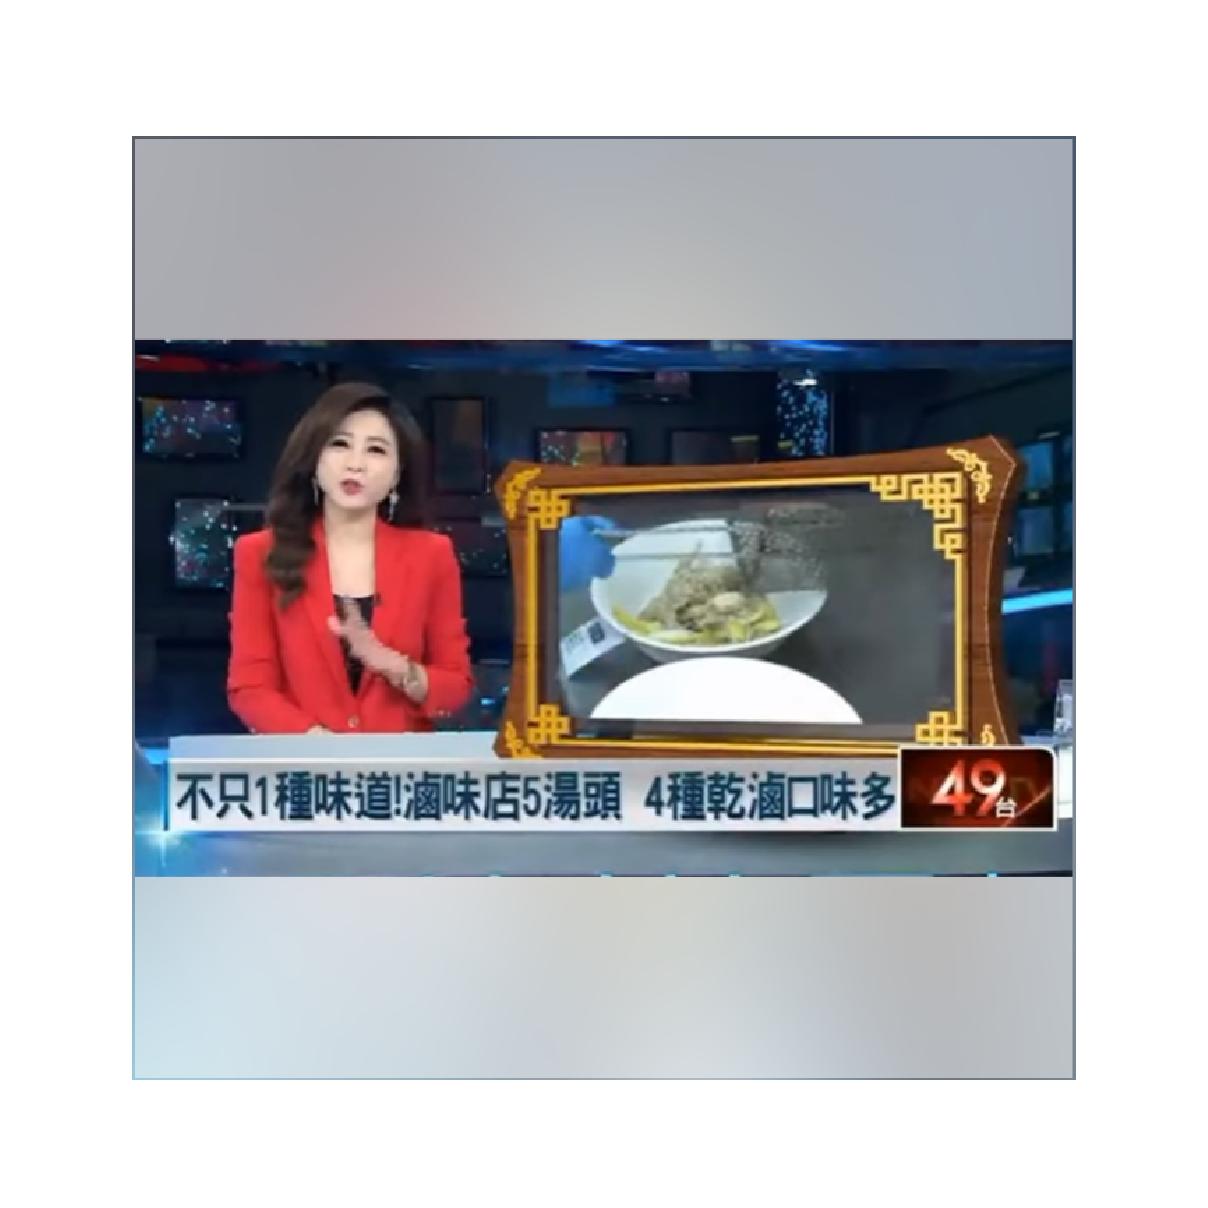 潮味決媒體報導 壹電視